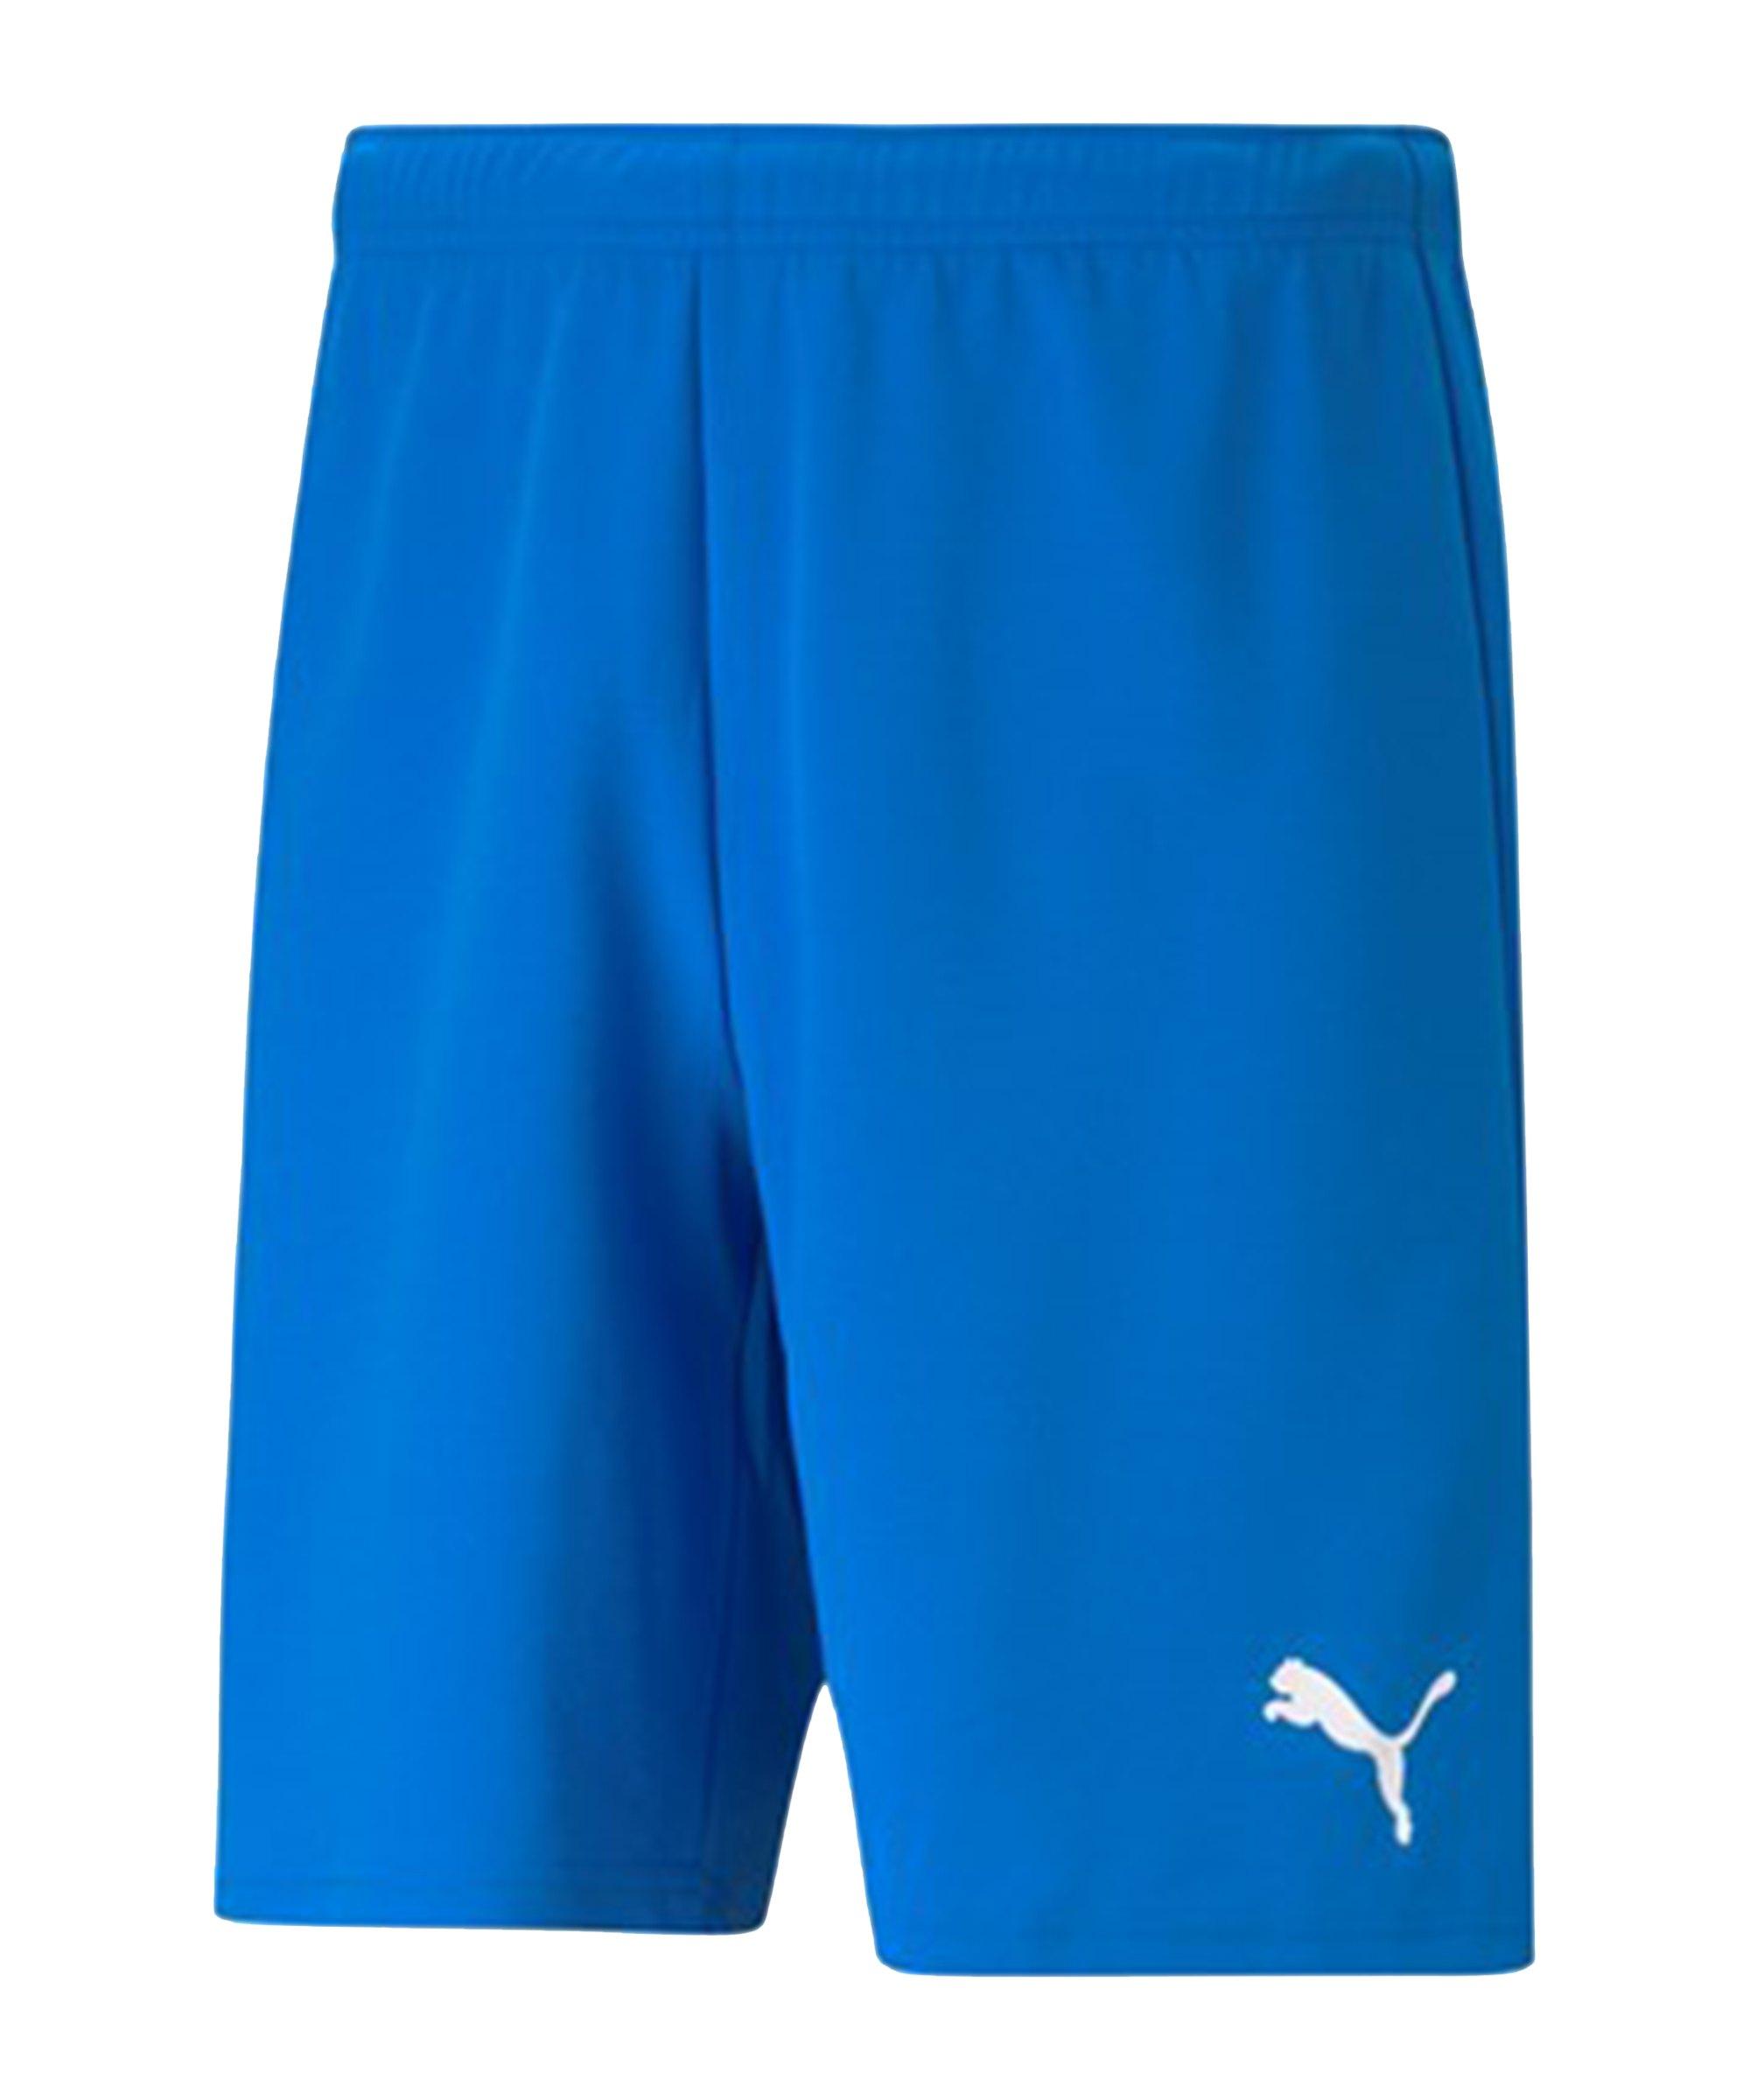 PUMA teamRISE Short Blau Weiss F02 - blau